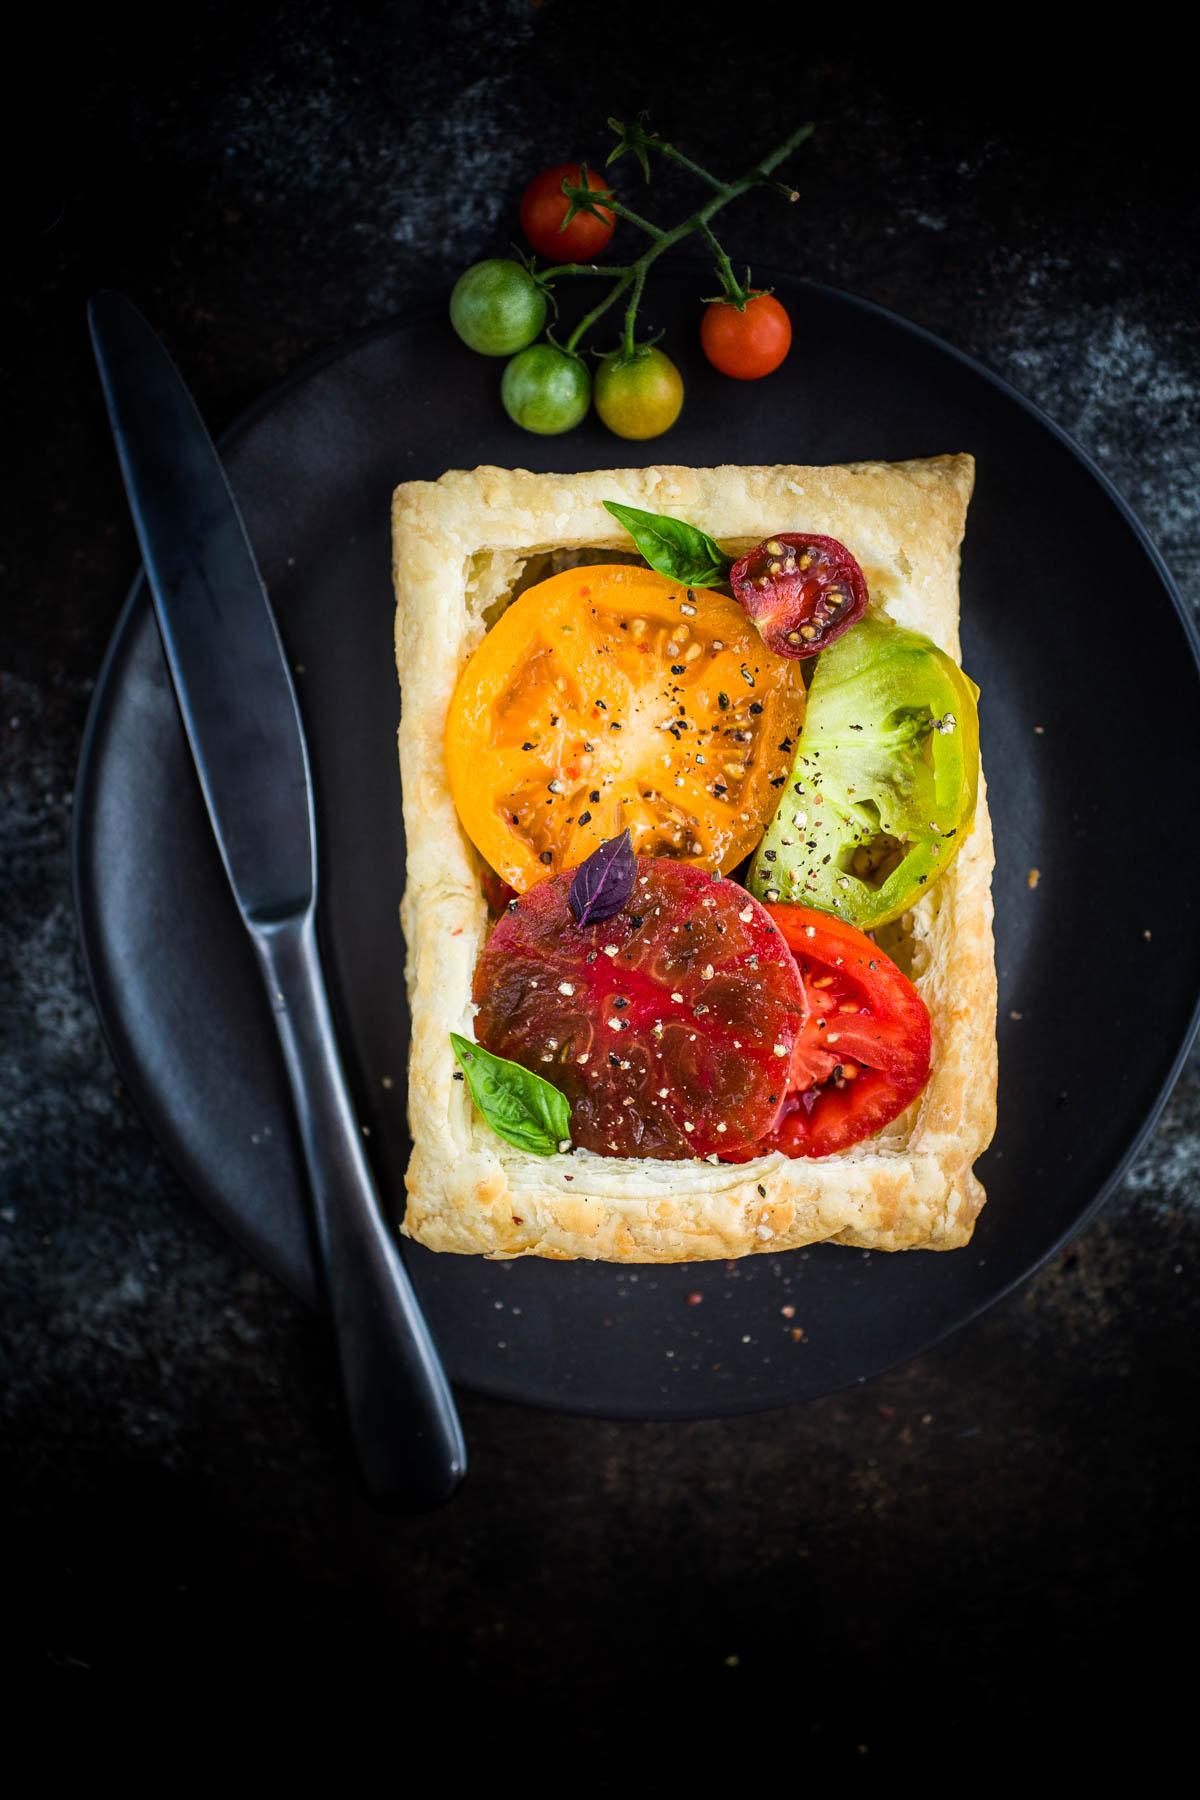 Tomato Basil Tarts with White Bean Puree